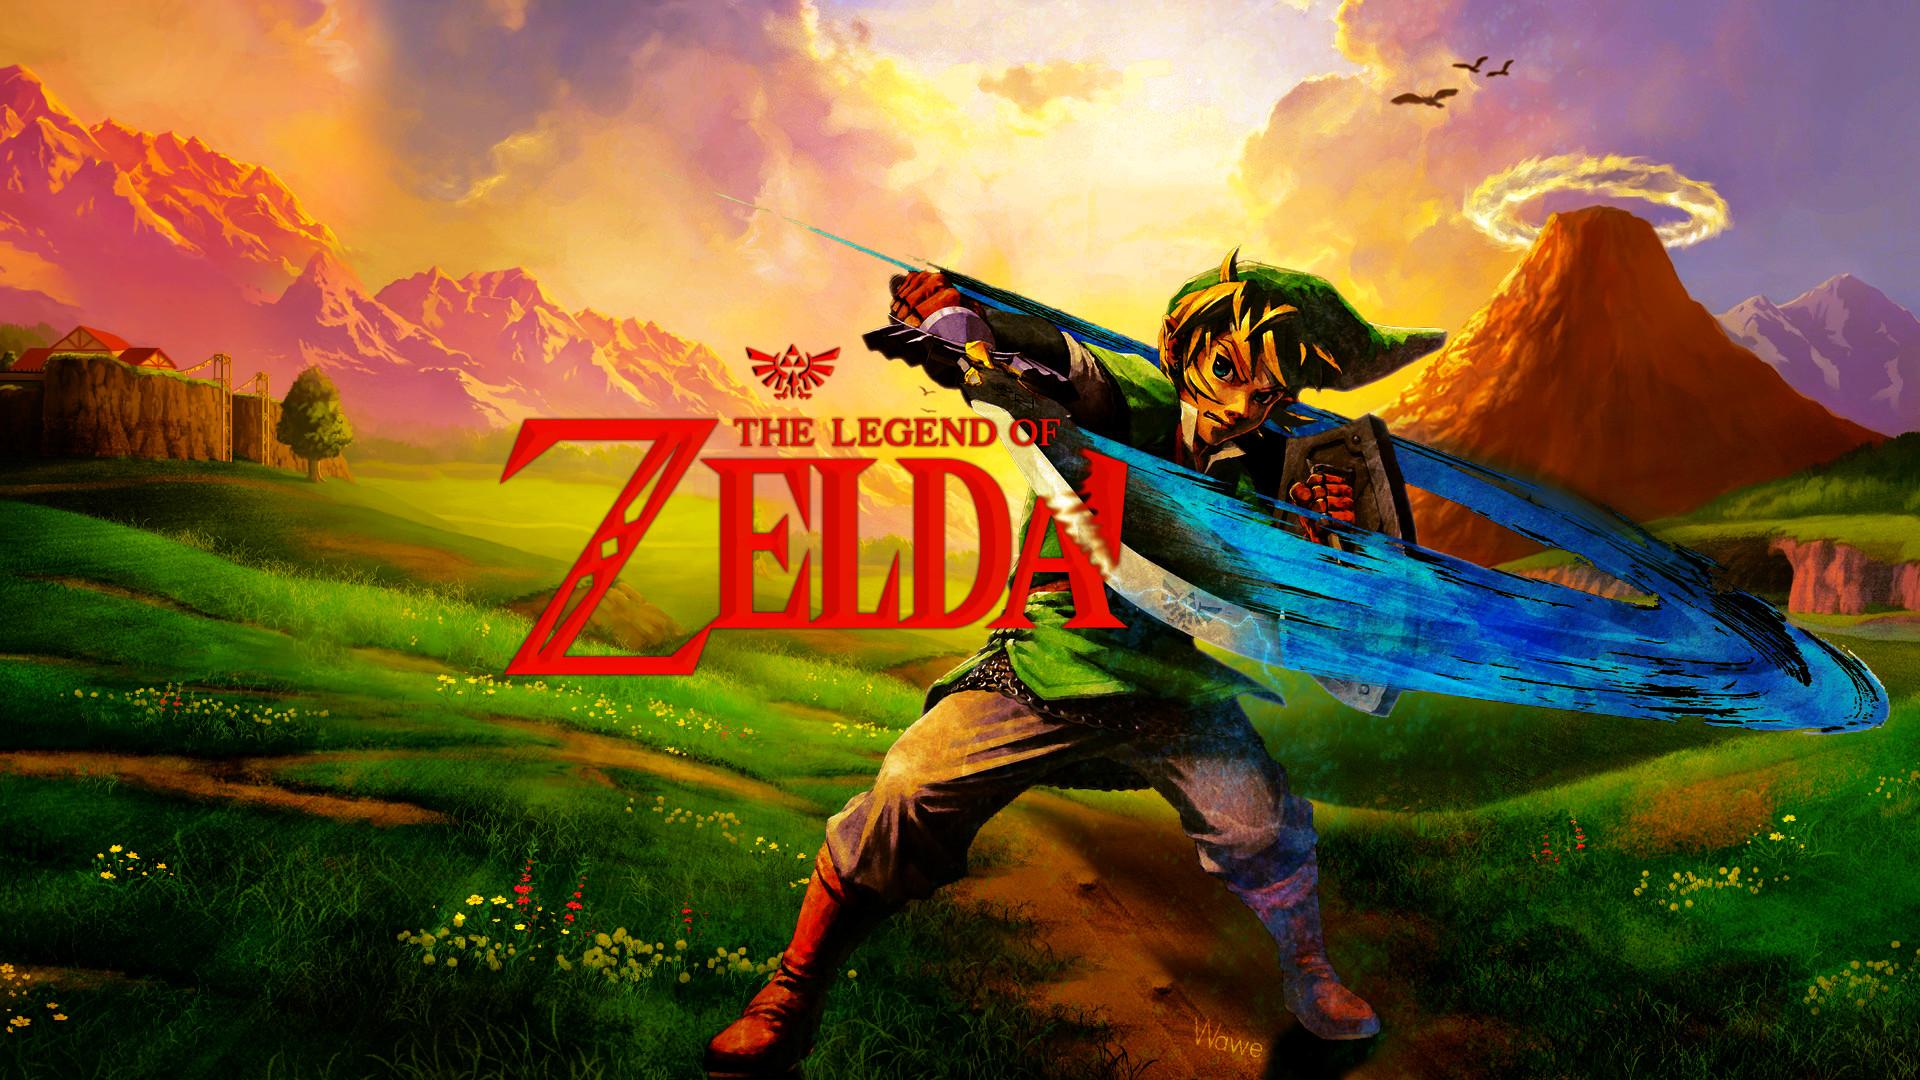 Legend Of Zelda Wallpaper 1920x1080: The Legend Of Zelda Wallpaper (79+ Images